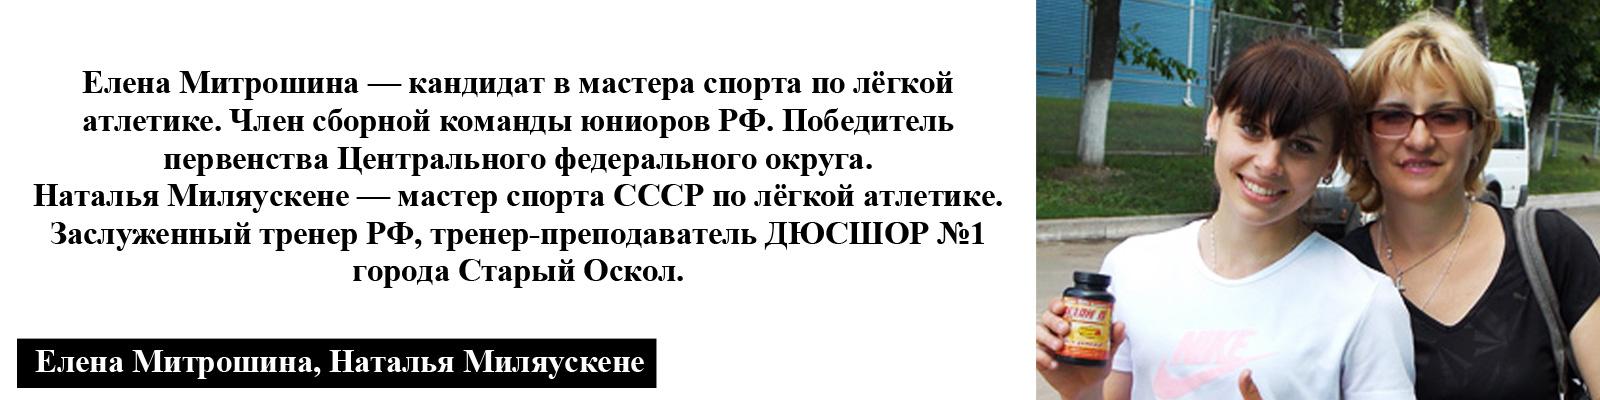 Елена Митрошина и Наталья Миляускене - легкая атлетика